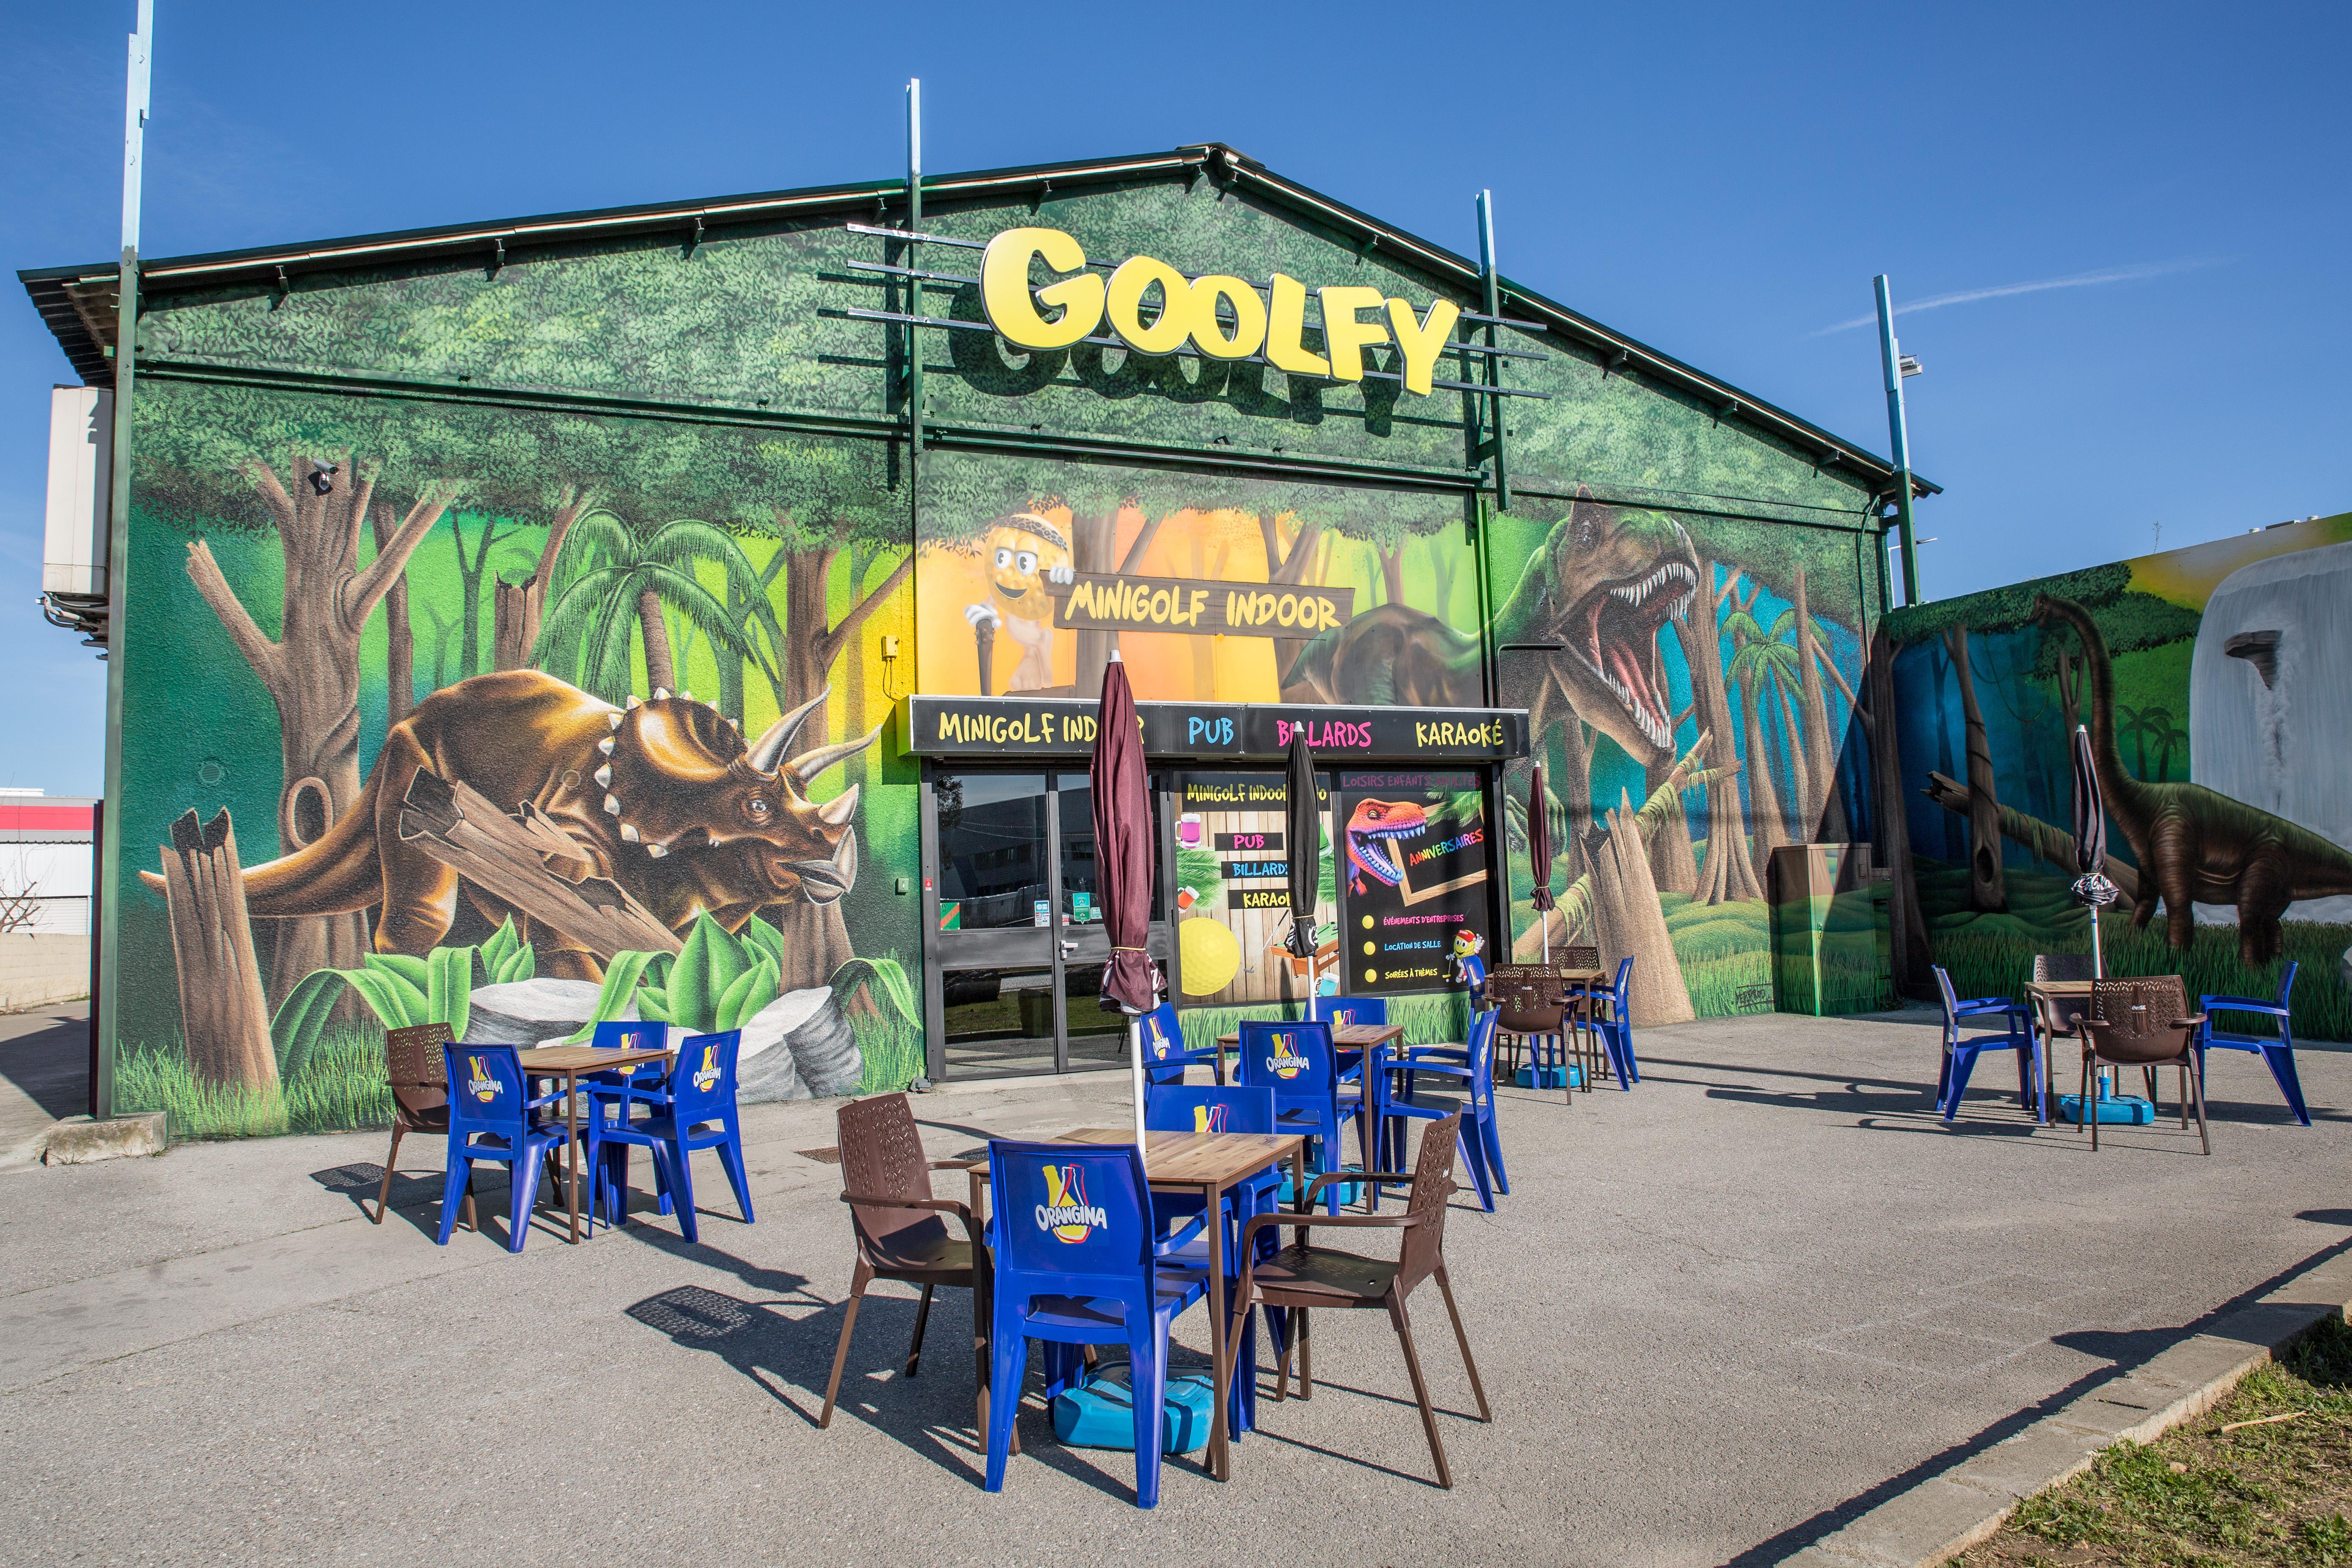 Goolfy, Minigolf indoor à Montpellier